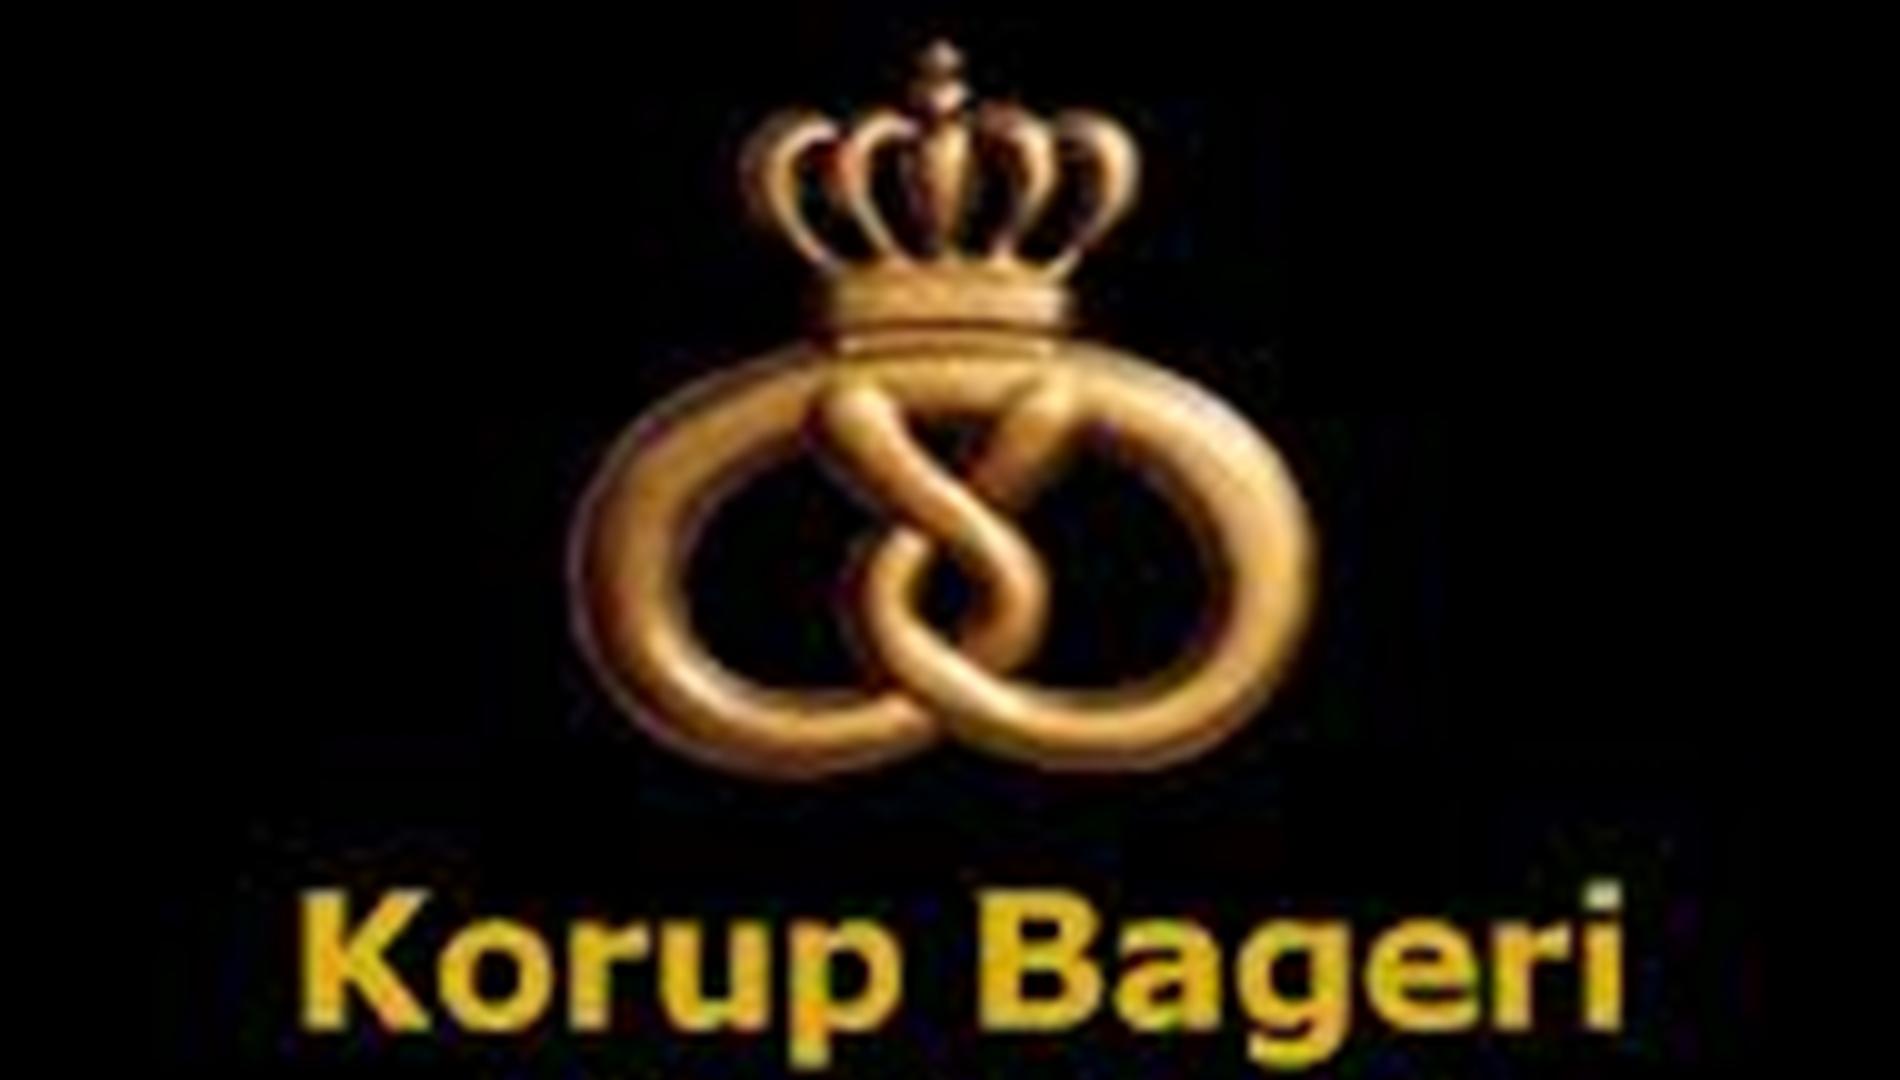 Korup Bageri